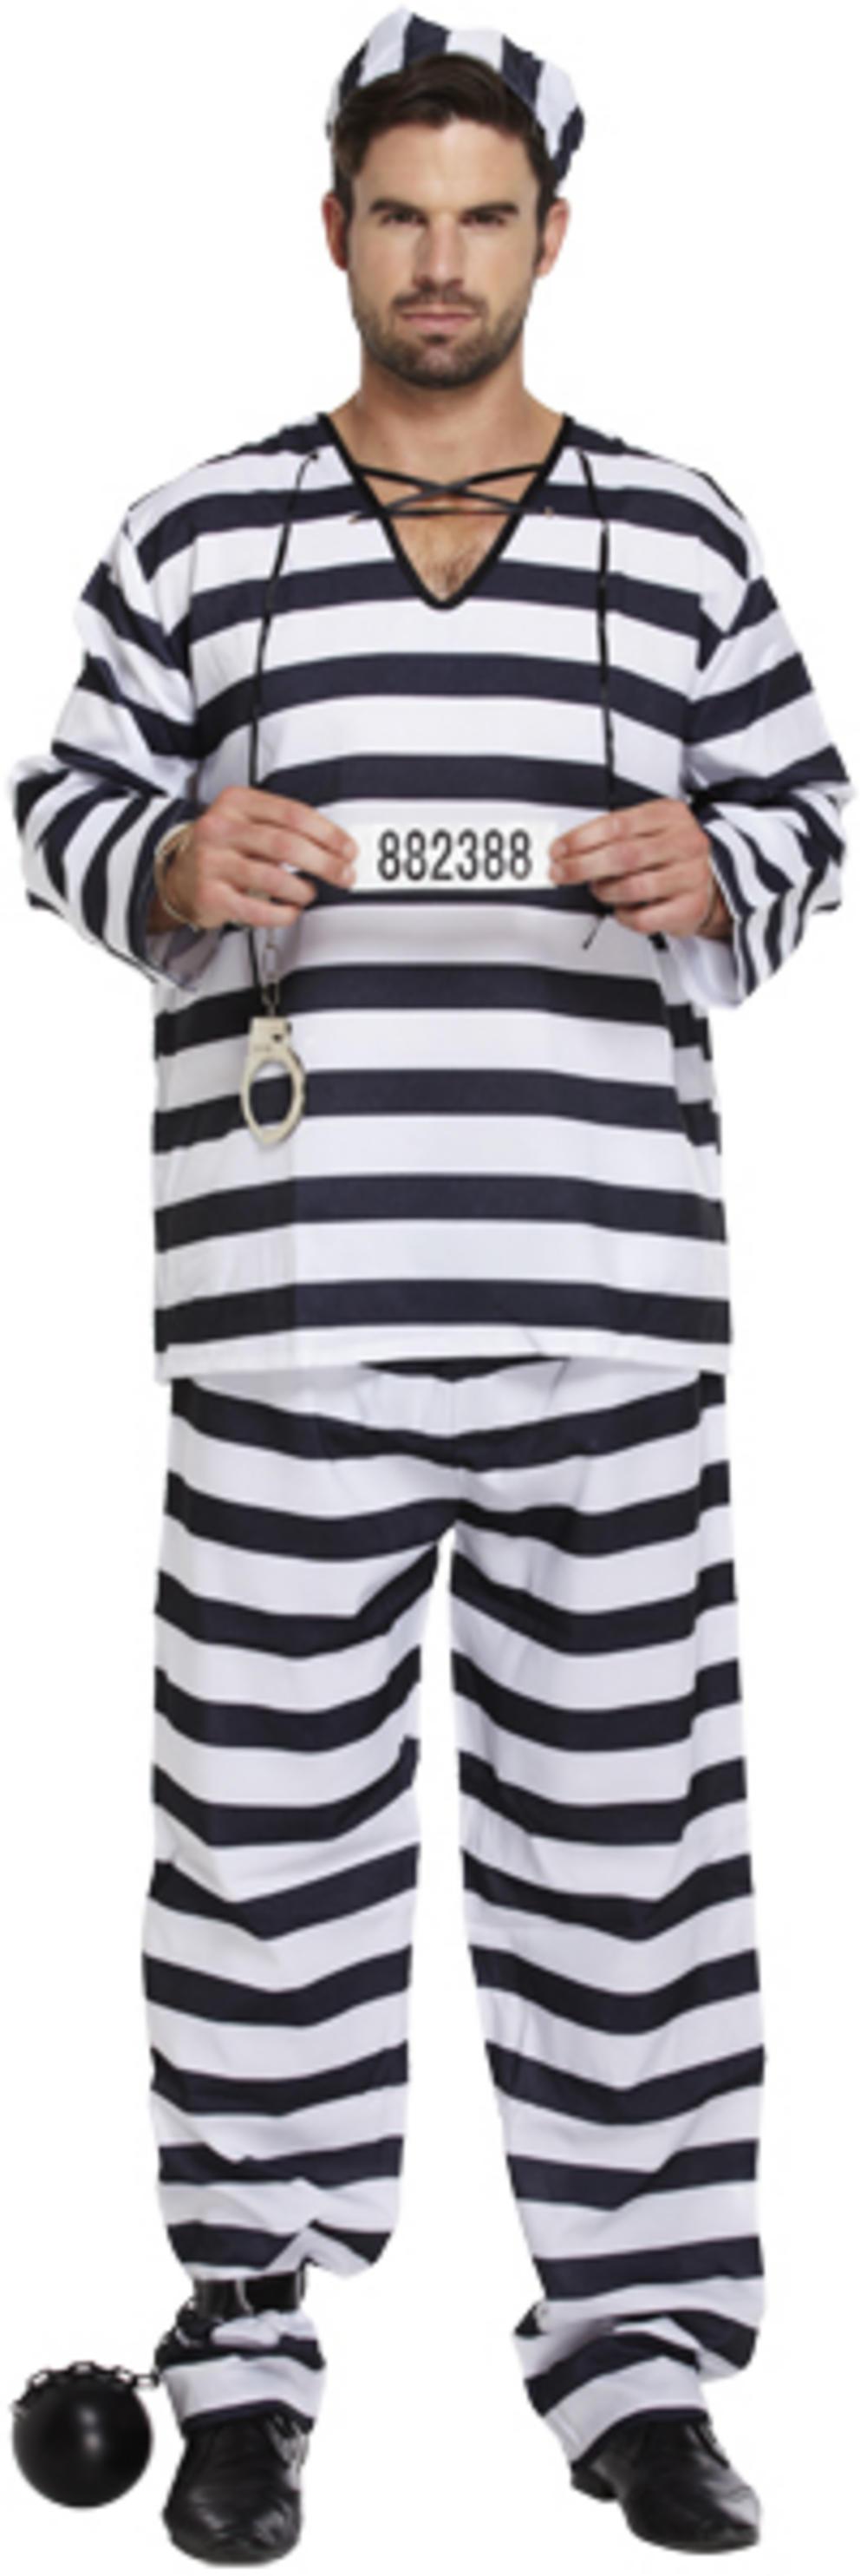 Jail Break Prisoner Costume  sc 1 st  Mega Fancy Dress & Jail Break Prisoner Costume | Stag Party Costumes | Mega Fancy Dress